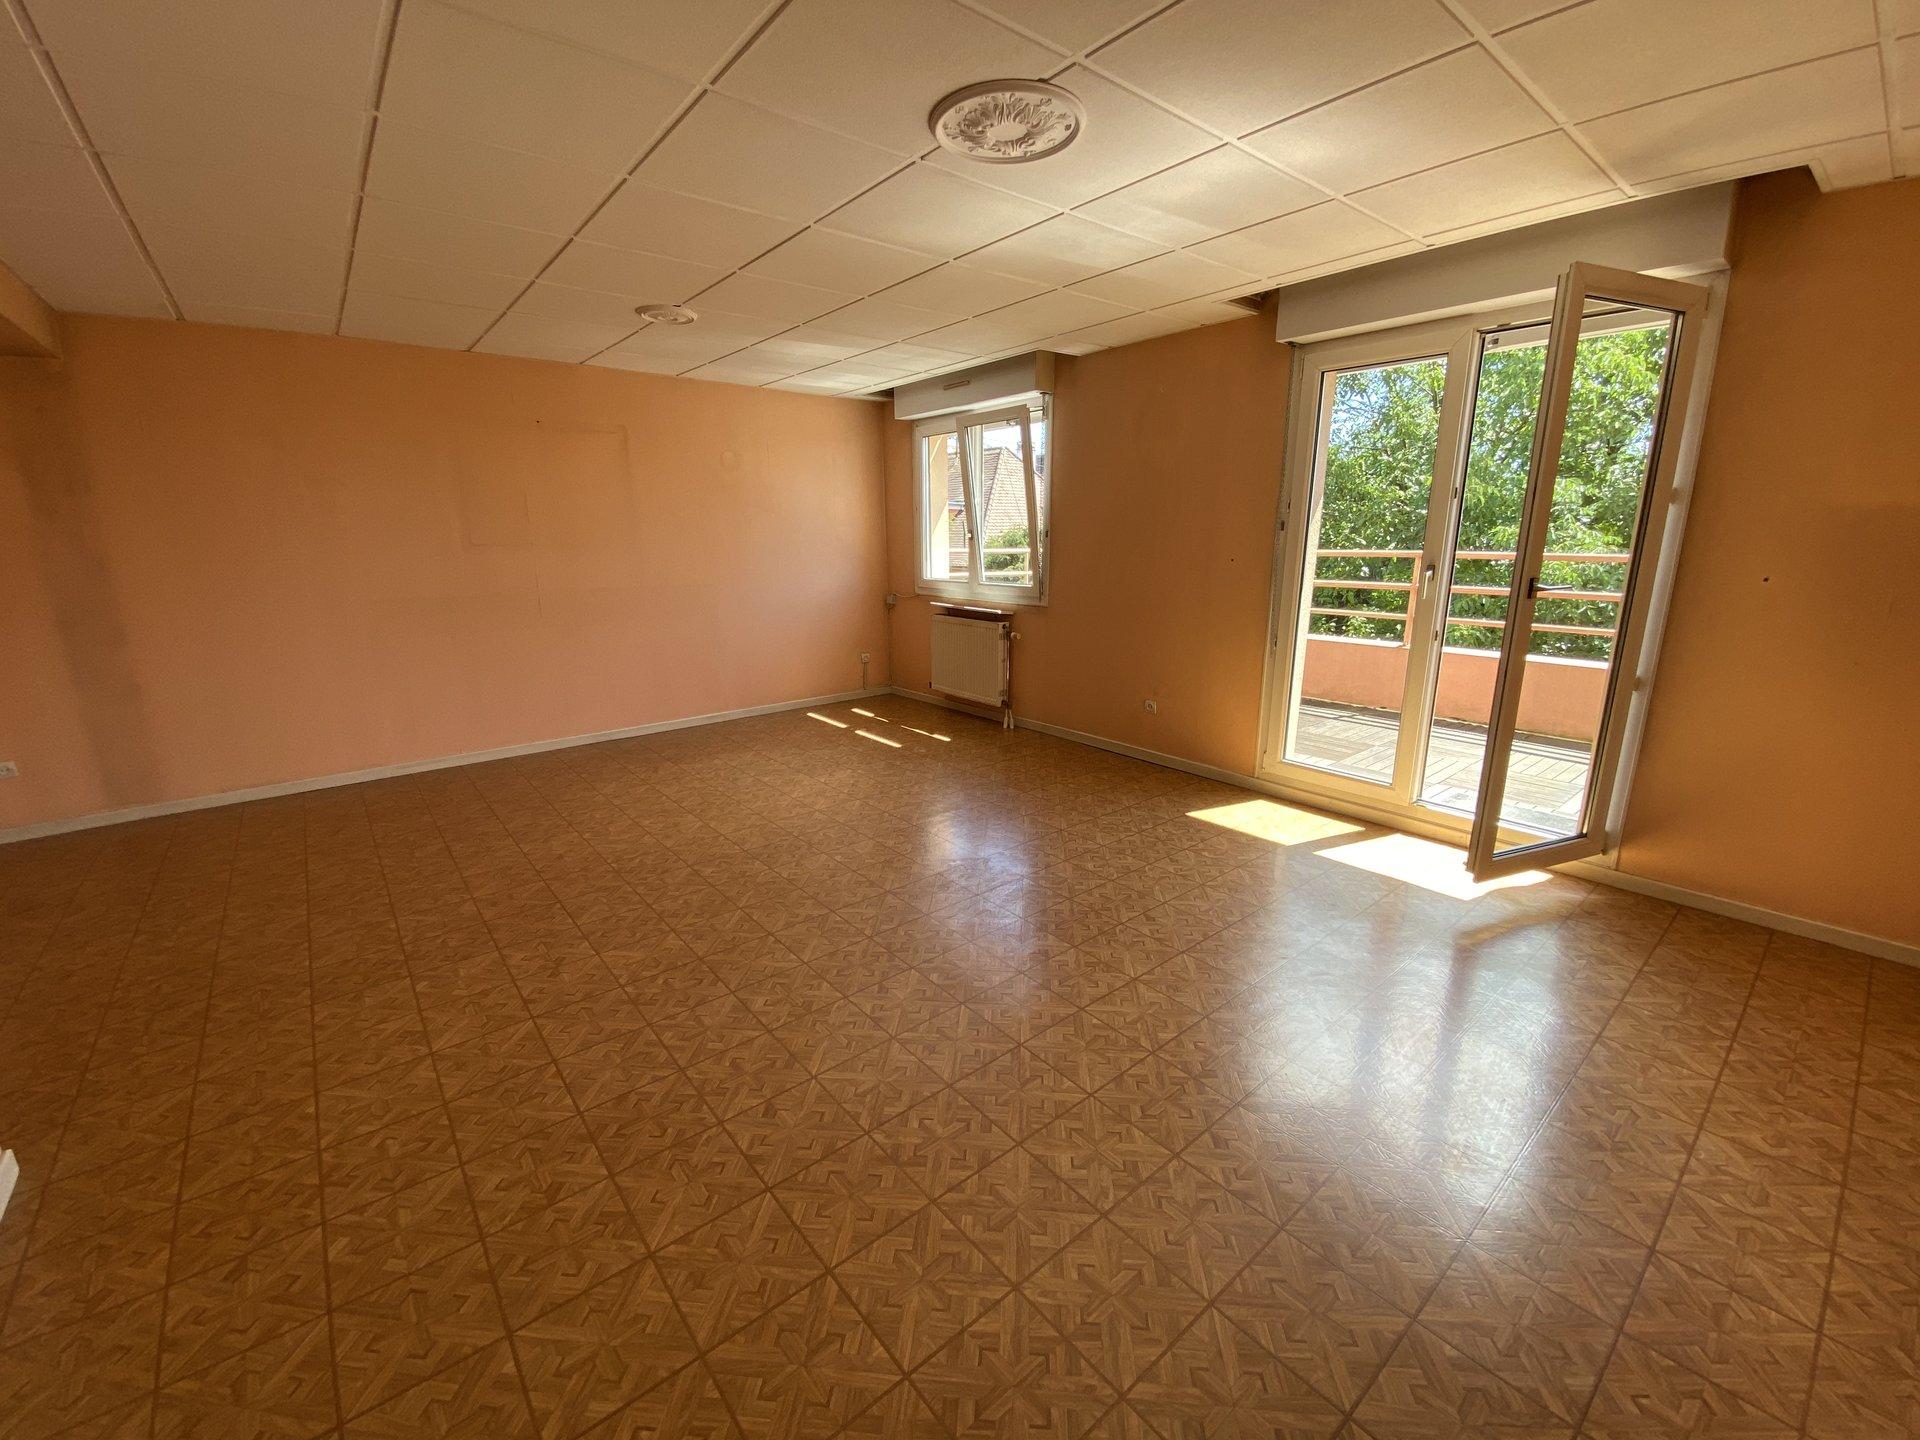 Lingolsheim- Appartement 2 pièces à Rénover